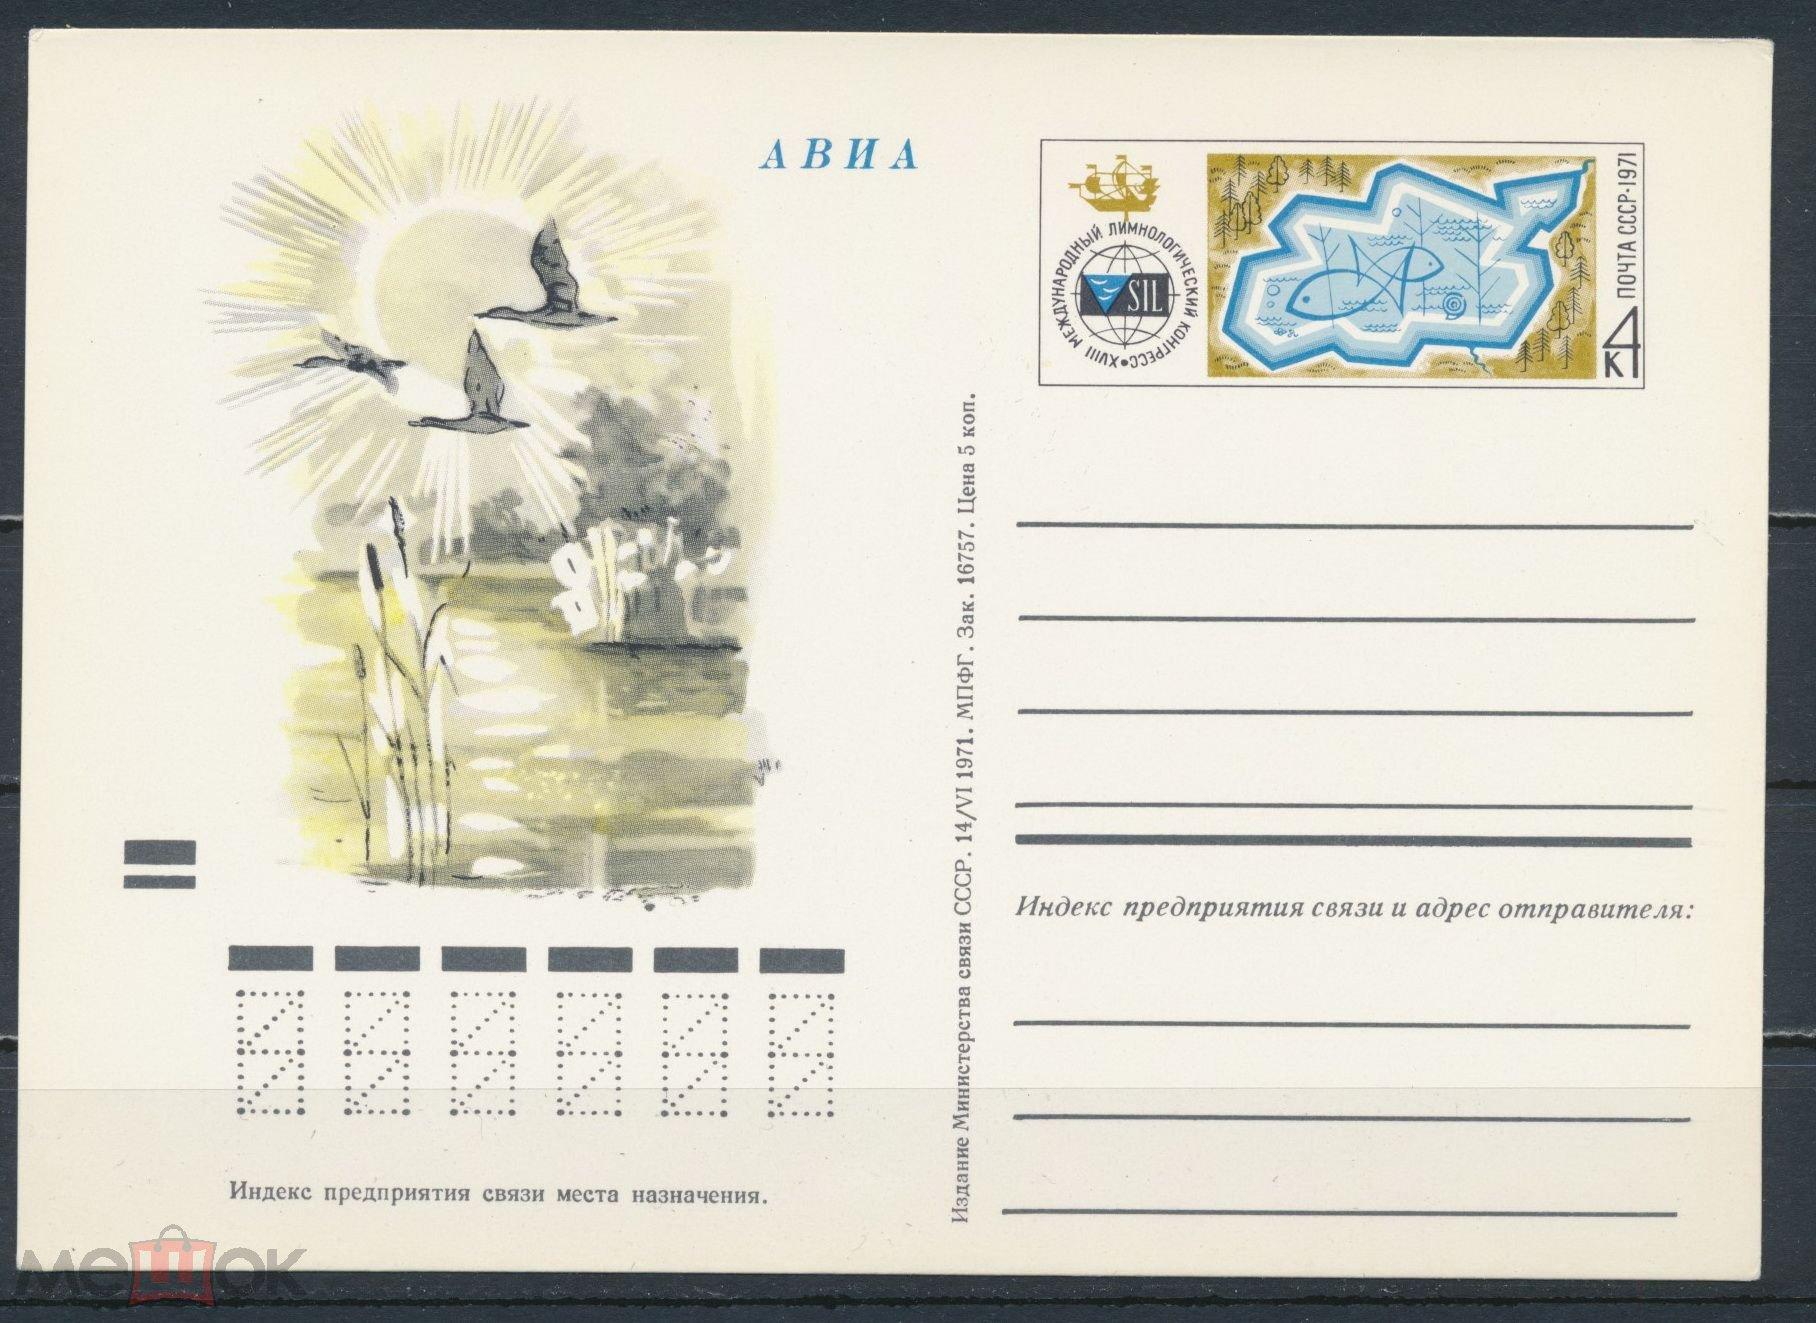 Пьянство юмор, открытки с оригинальной маркой цена